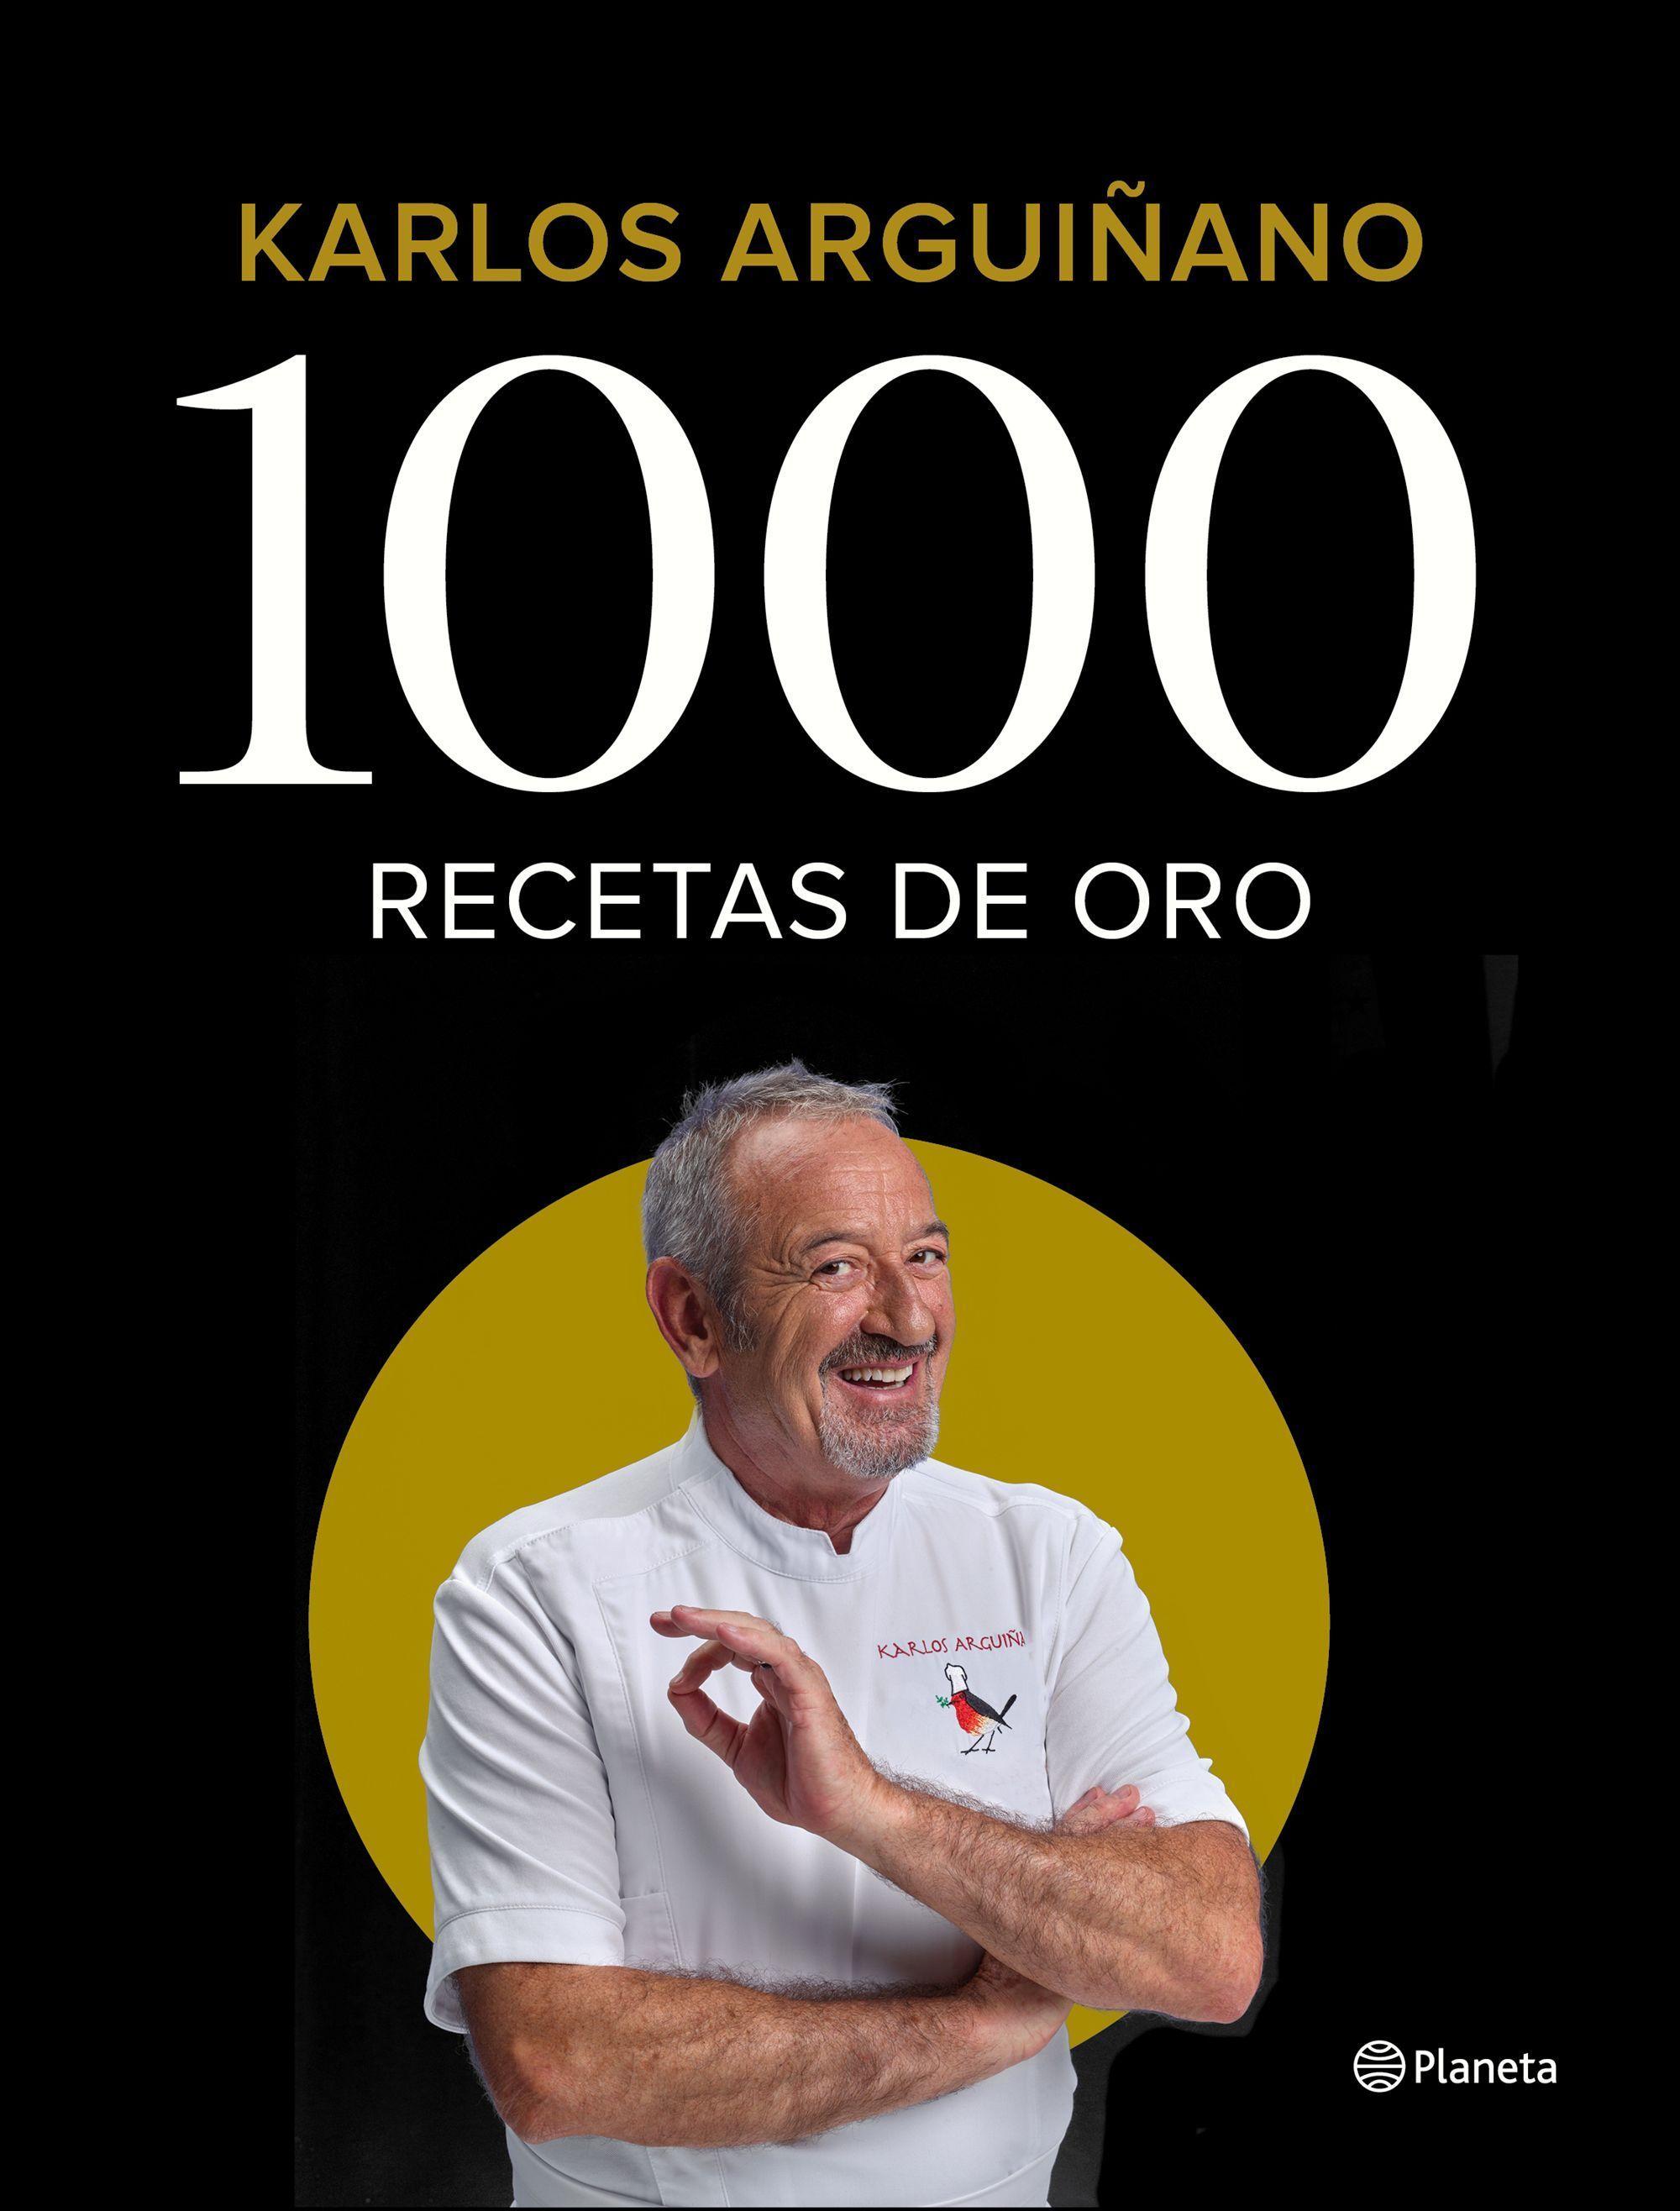 Sorteo del libro 1000 Recetas de oro de Karlos Arguiñano